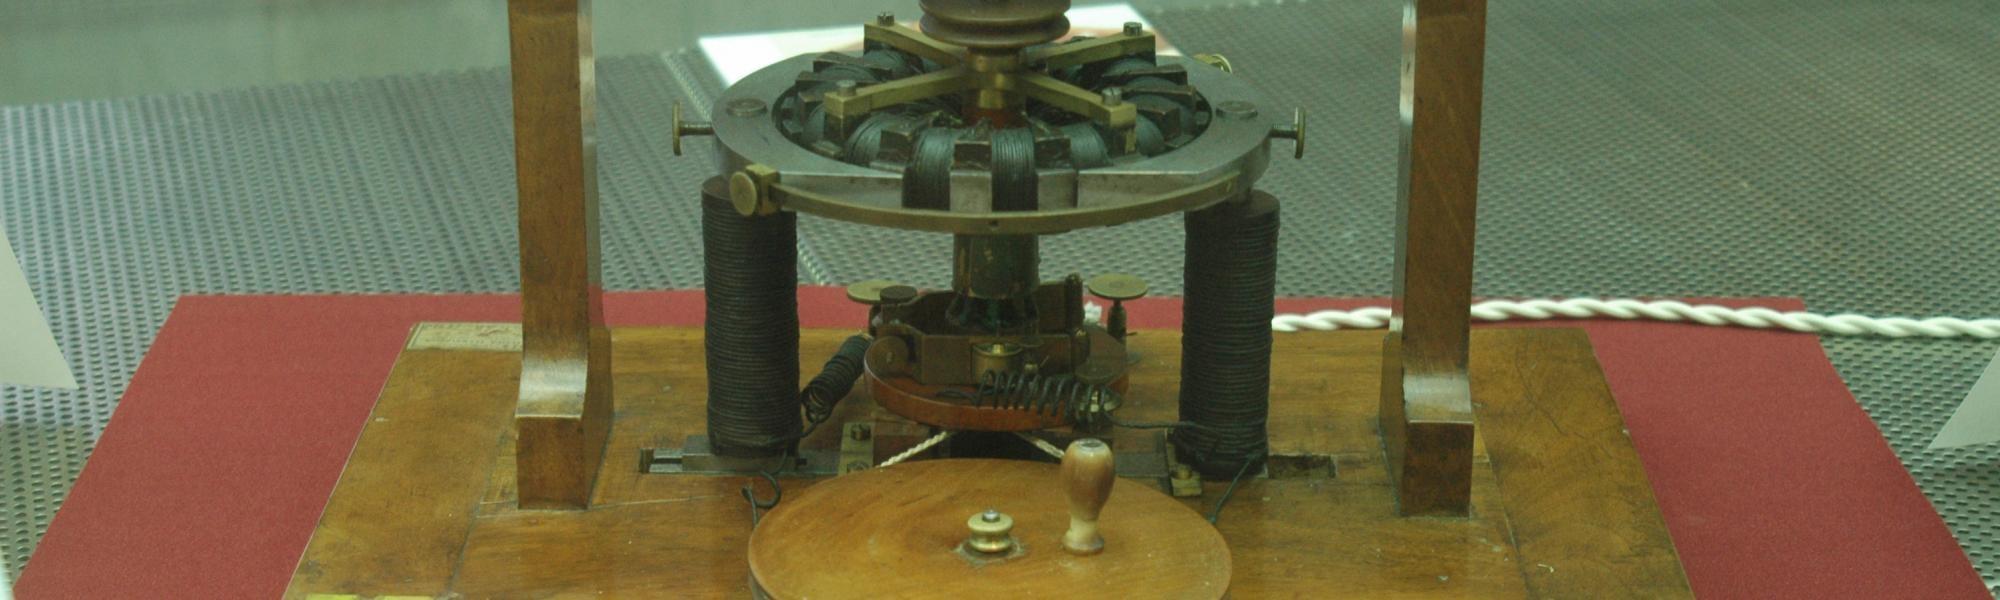 Particolare museo degli Strumenti di Fisica (Museo degli Strumenti di Fisica)